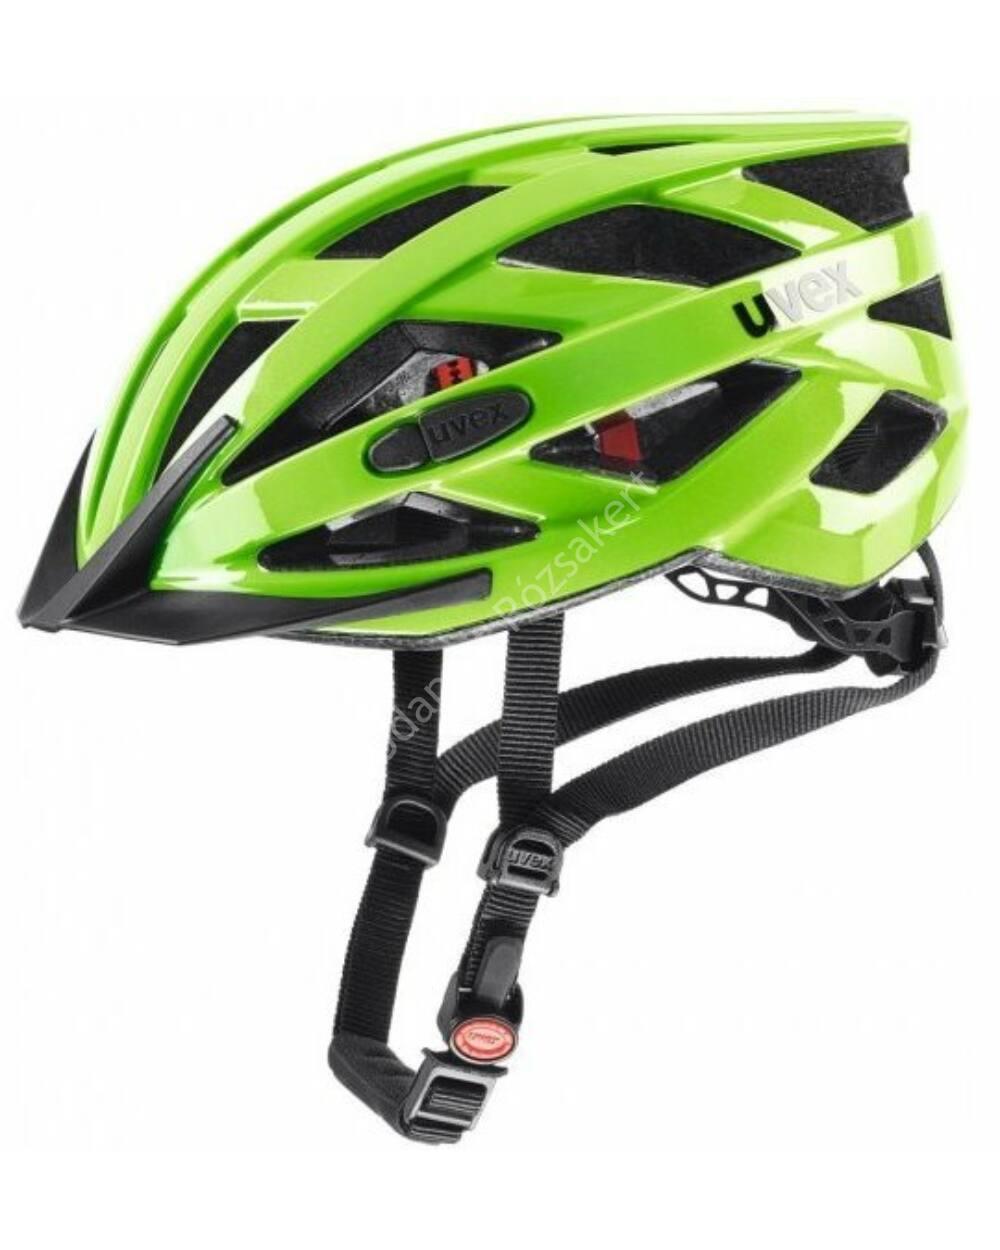 Uvex I-VO 3D kerékpáros bukósisak, zöld 52-57cm